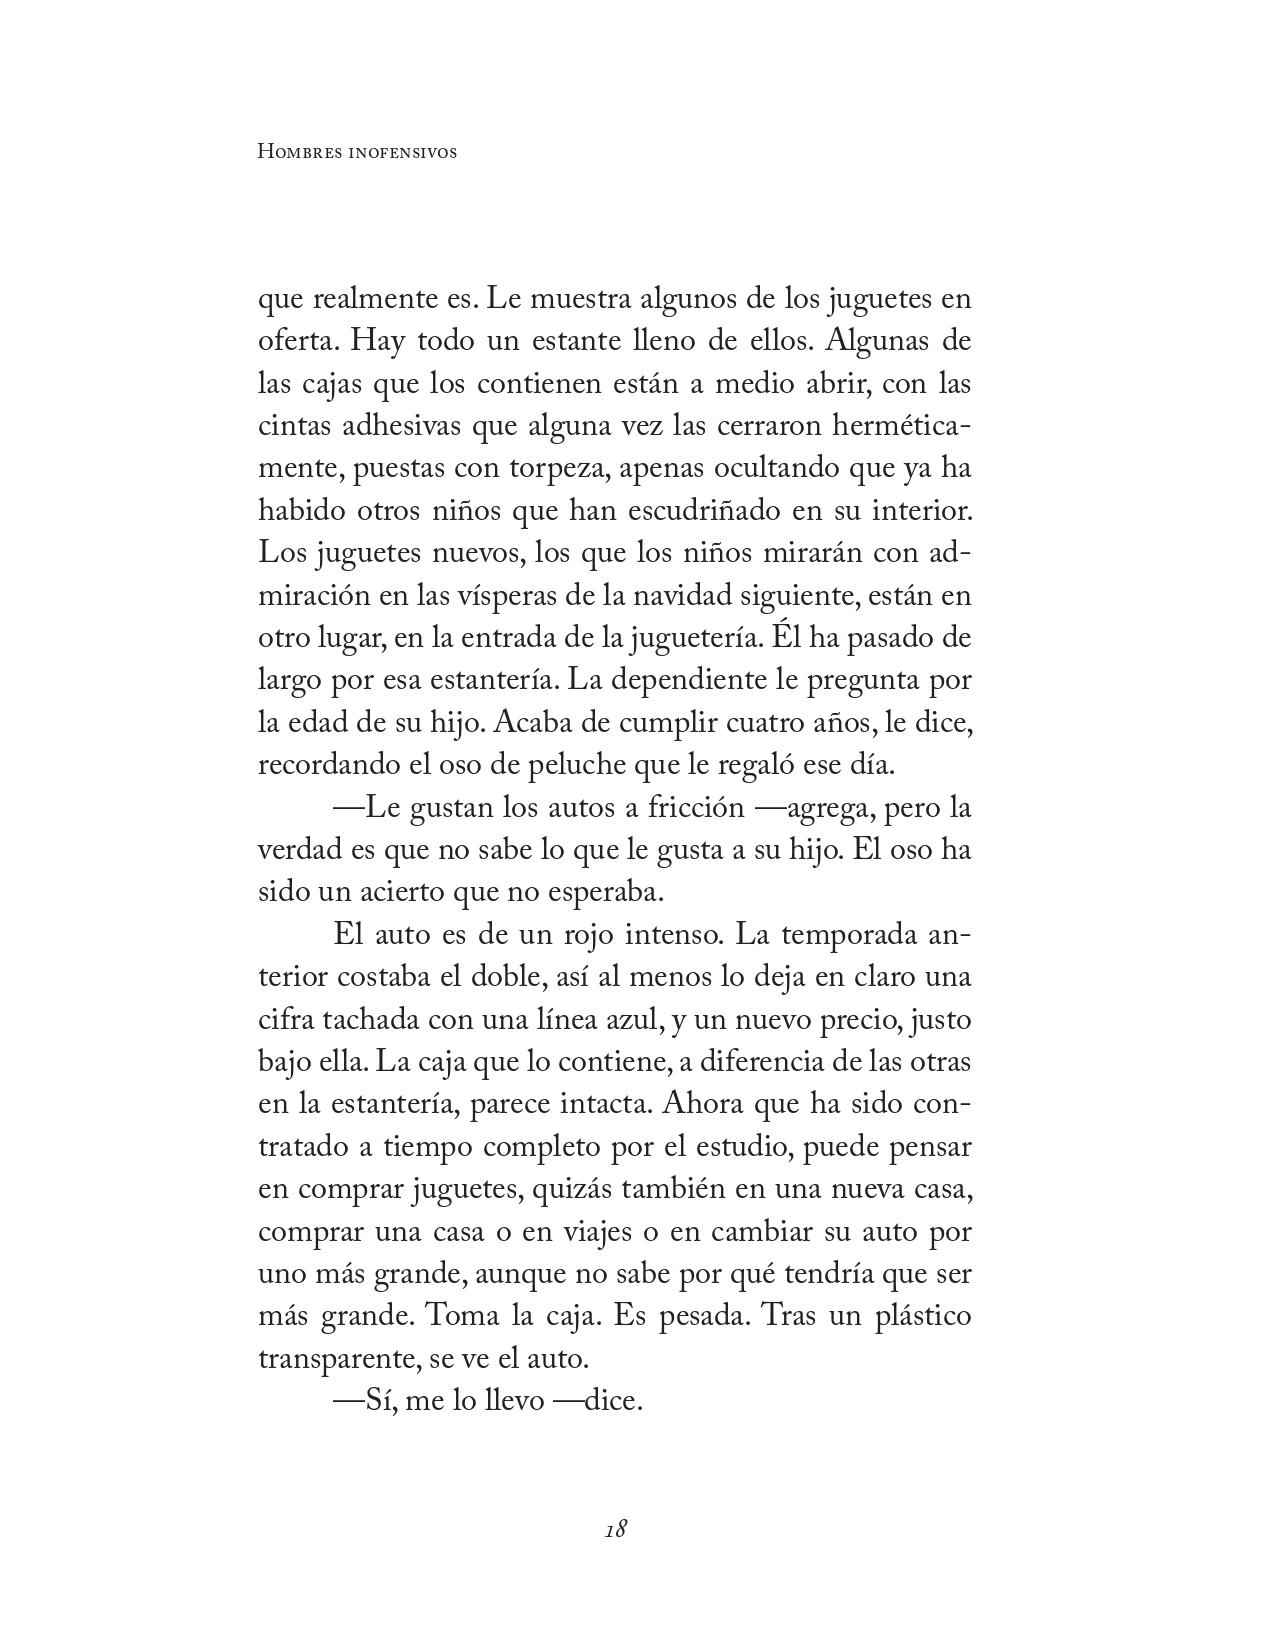 Adelanto_Hombres_Inofensivos_Patricio_Tapia_page-0015